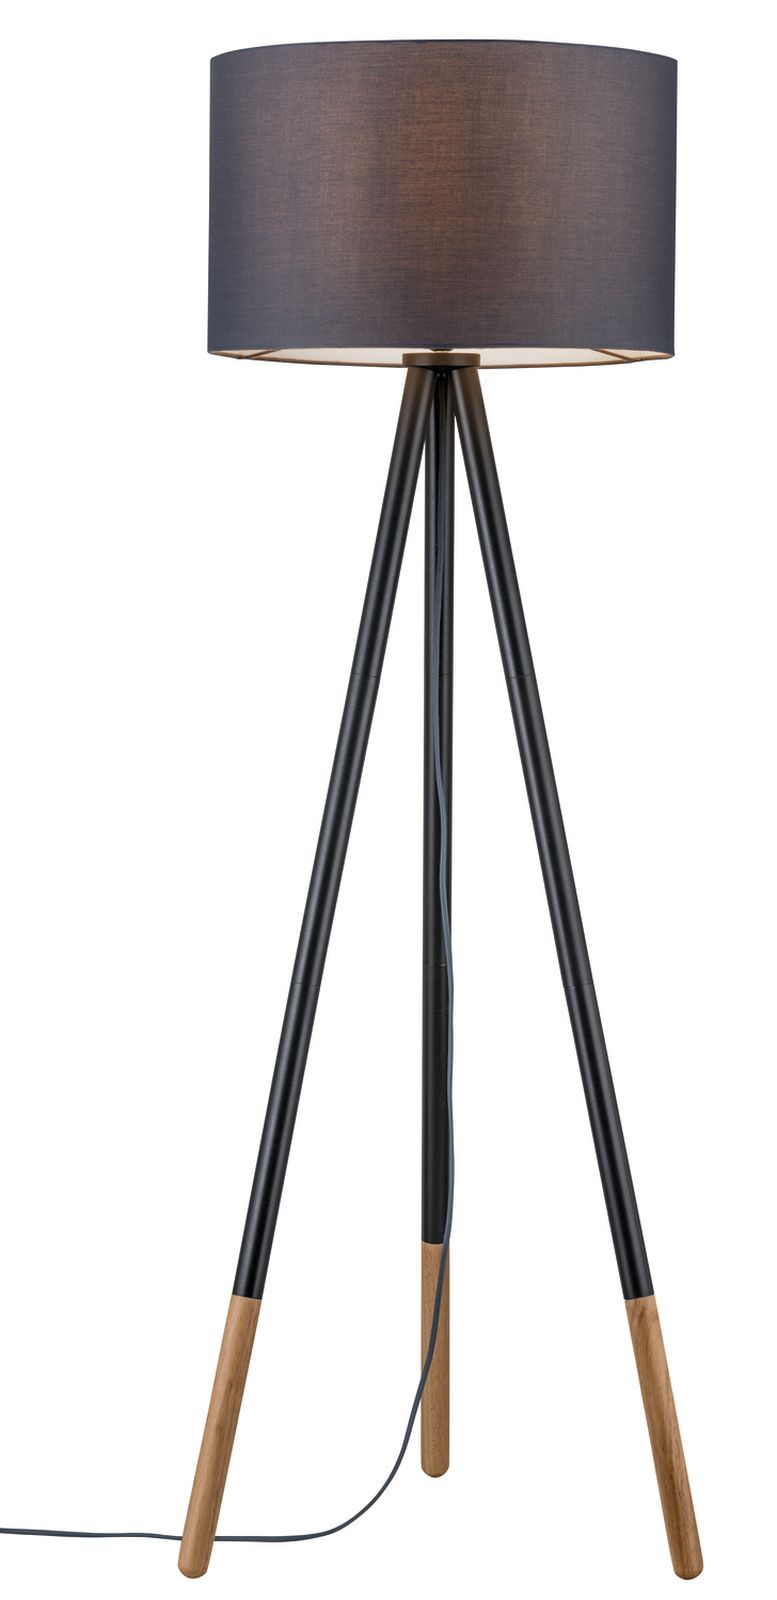 Paulmann Stehleuchte Neordic Rurik 1-flammig mit Stoffschirm Grau/Holz